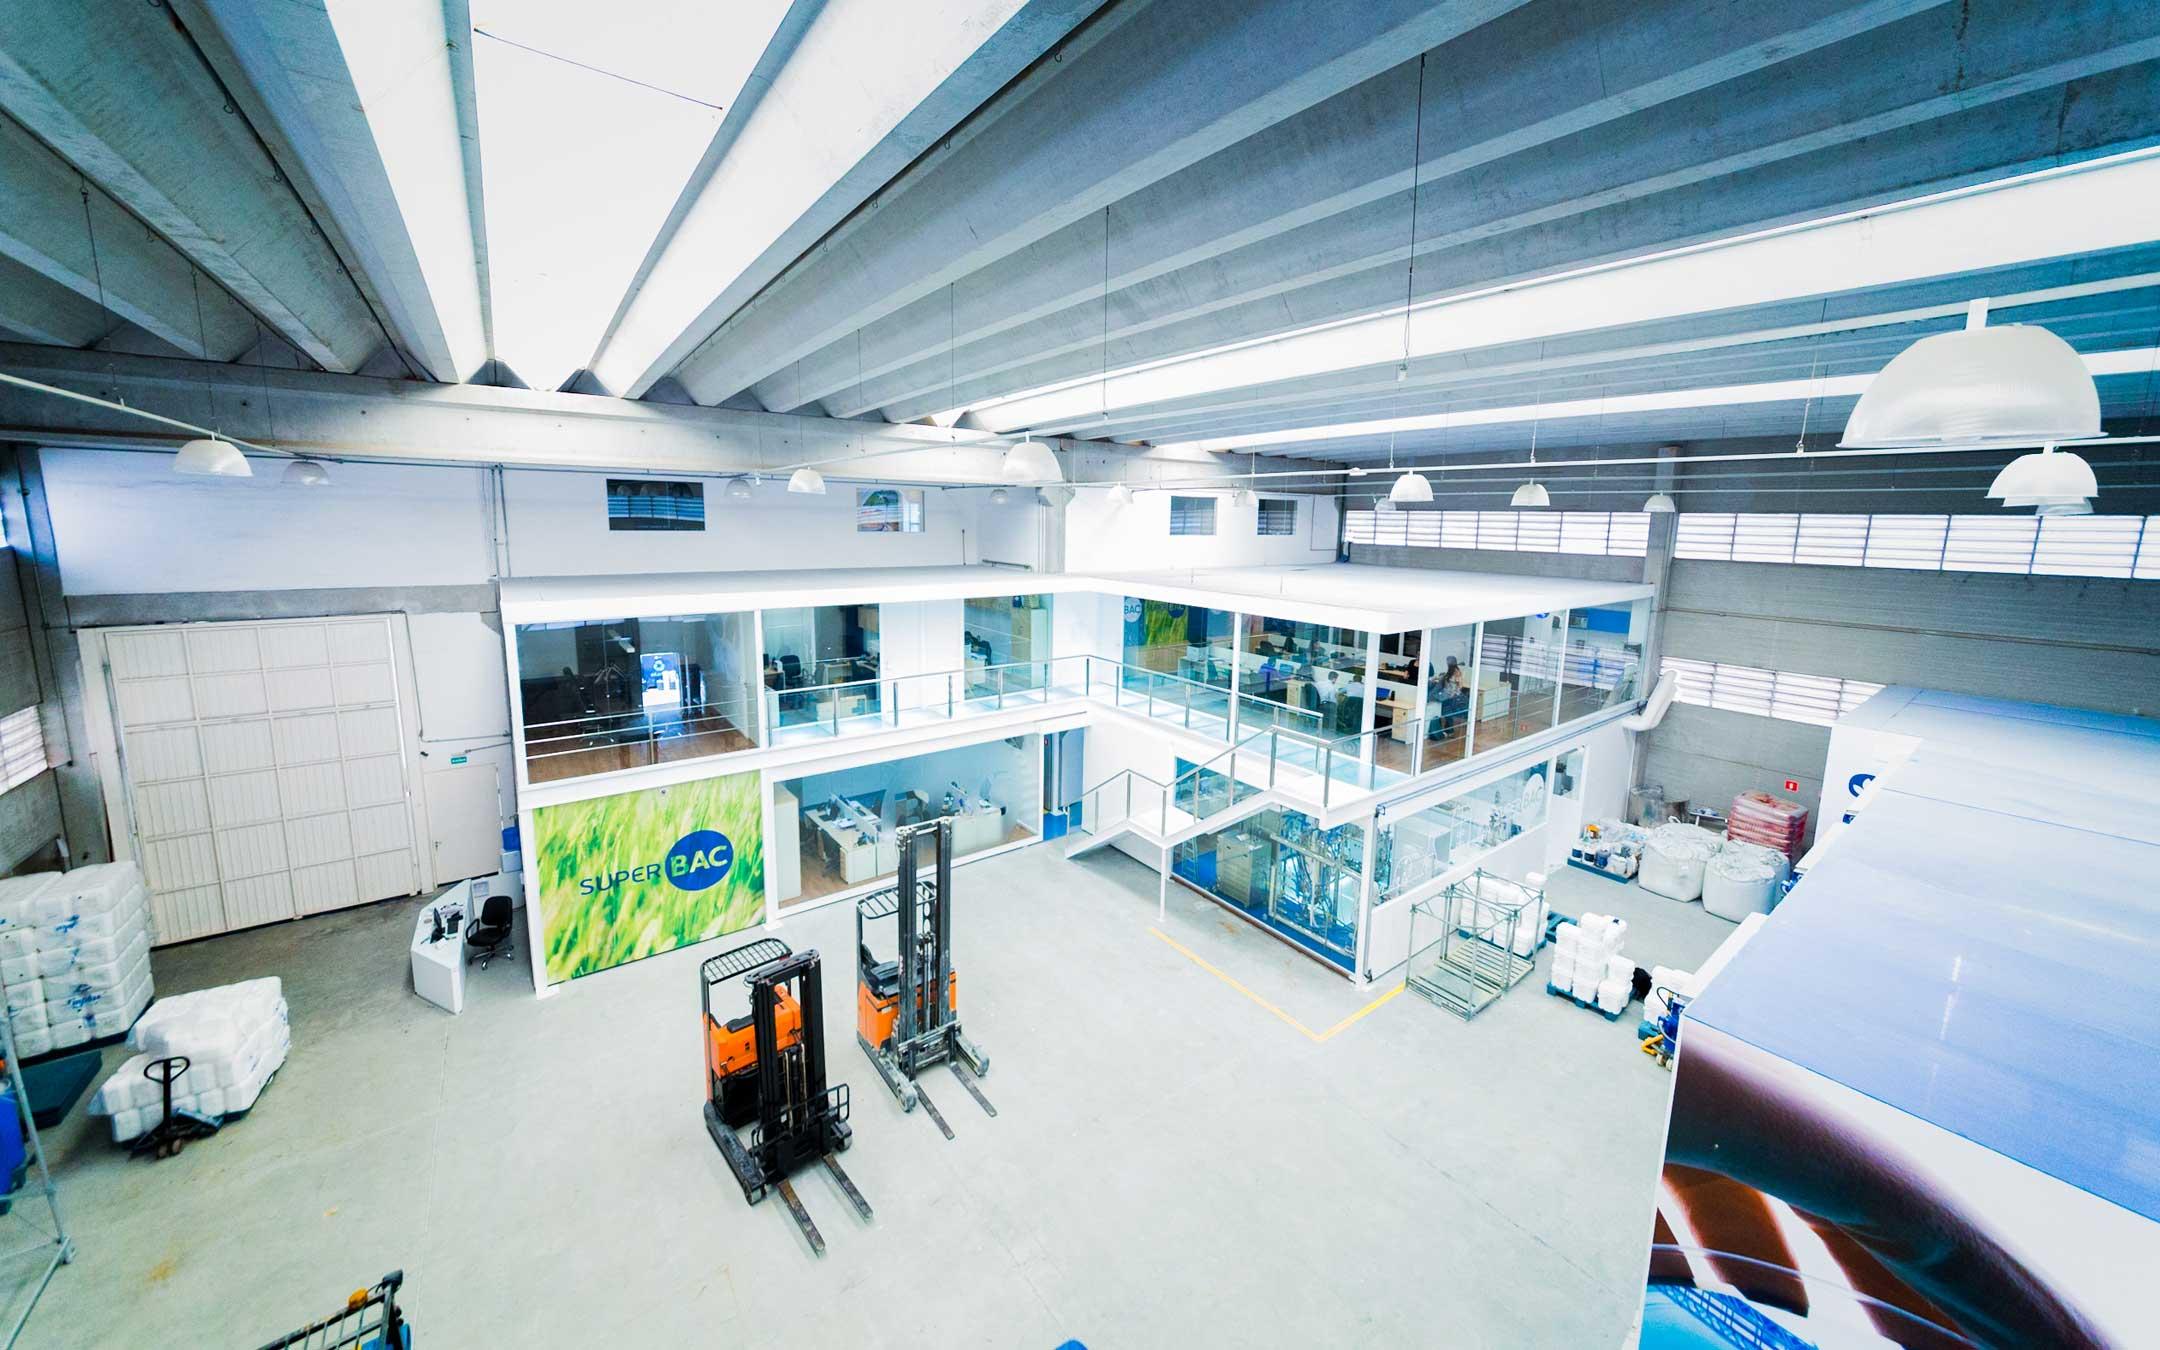 Fotografia Corporativa de Indústria Biotecnológica e suas Instalações